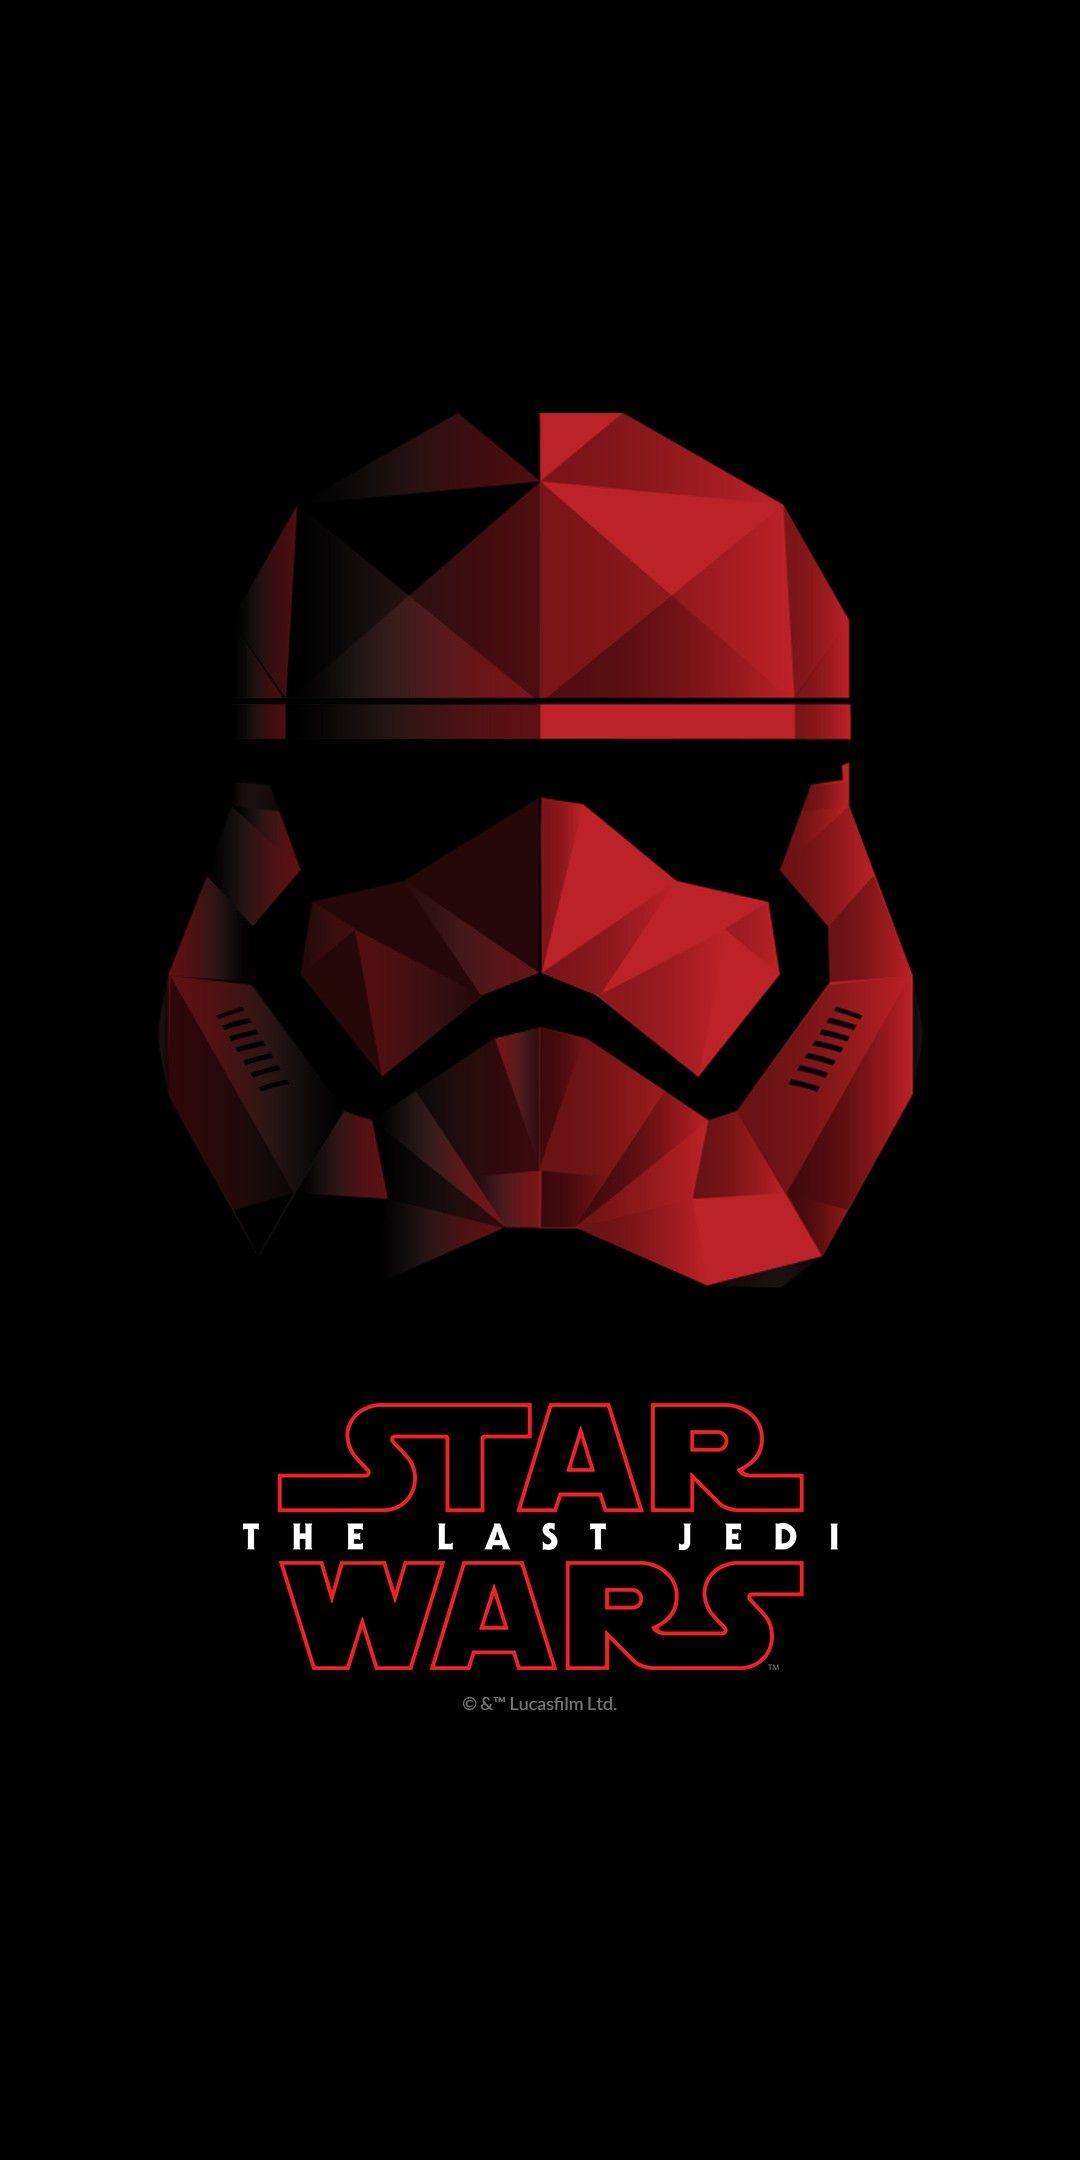 Star Wars The Last Jedi Star Wars Wallpaper Star Wars Wallpaper Iphone Star Wars Fan Art